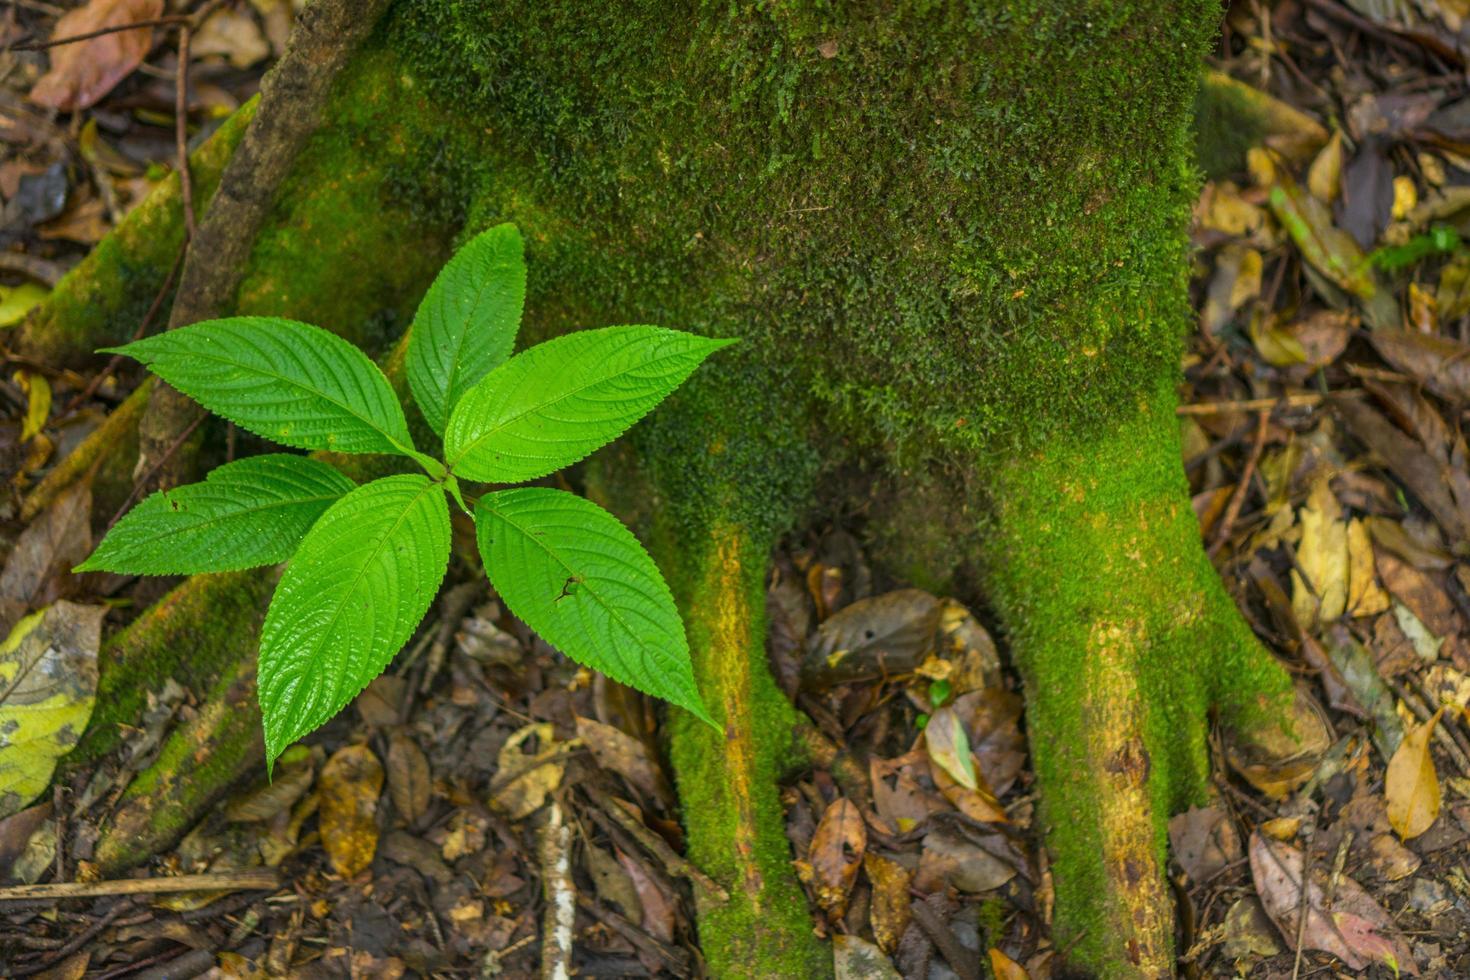 grüne Pflanze in einem Wald foto